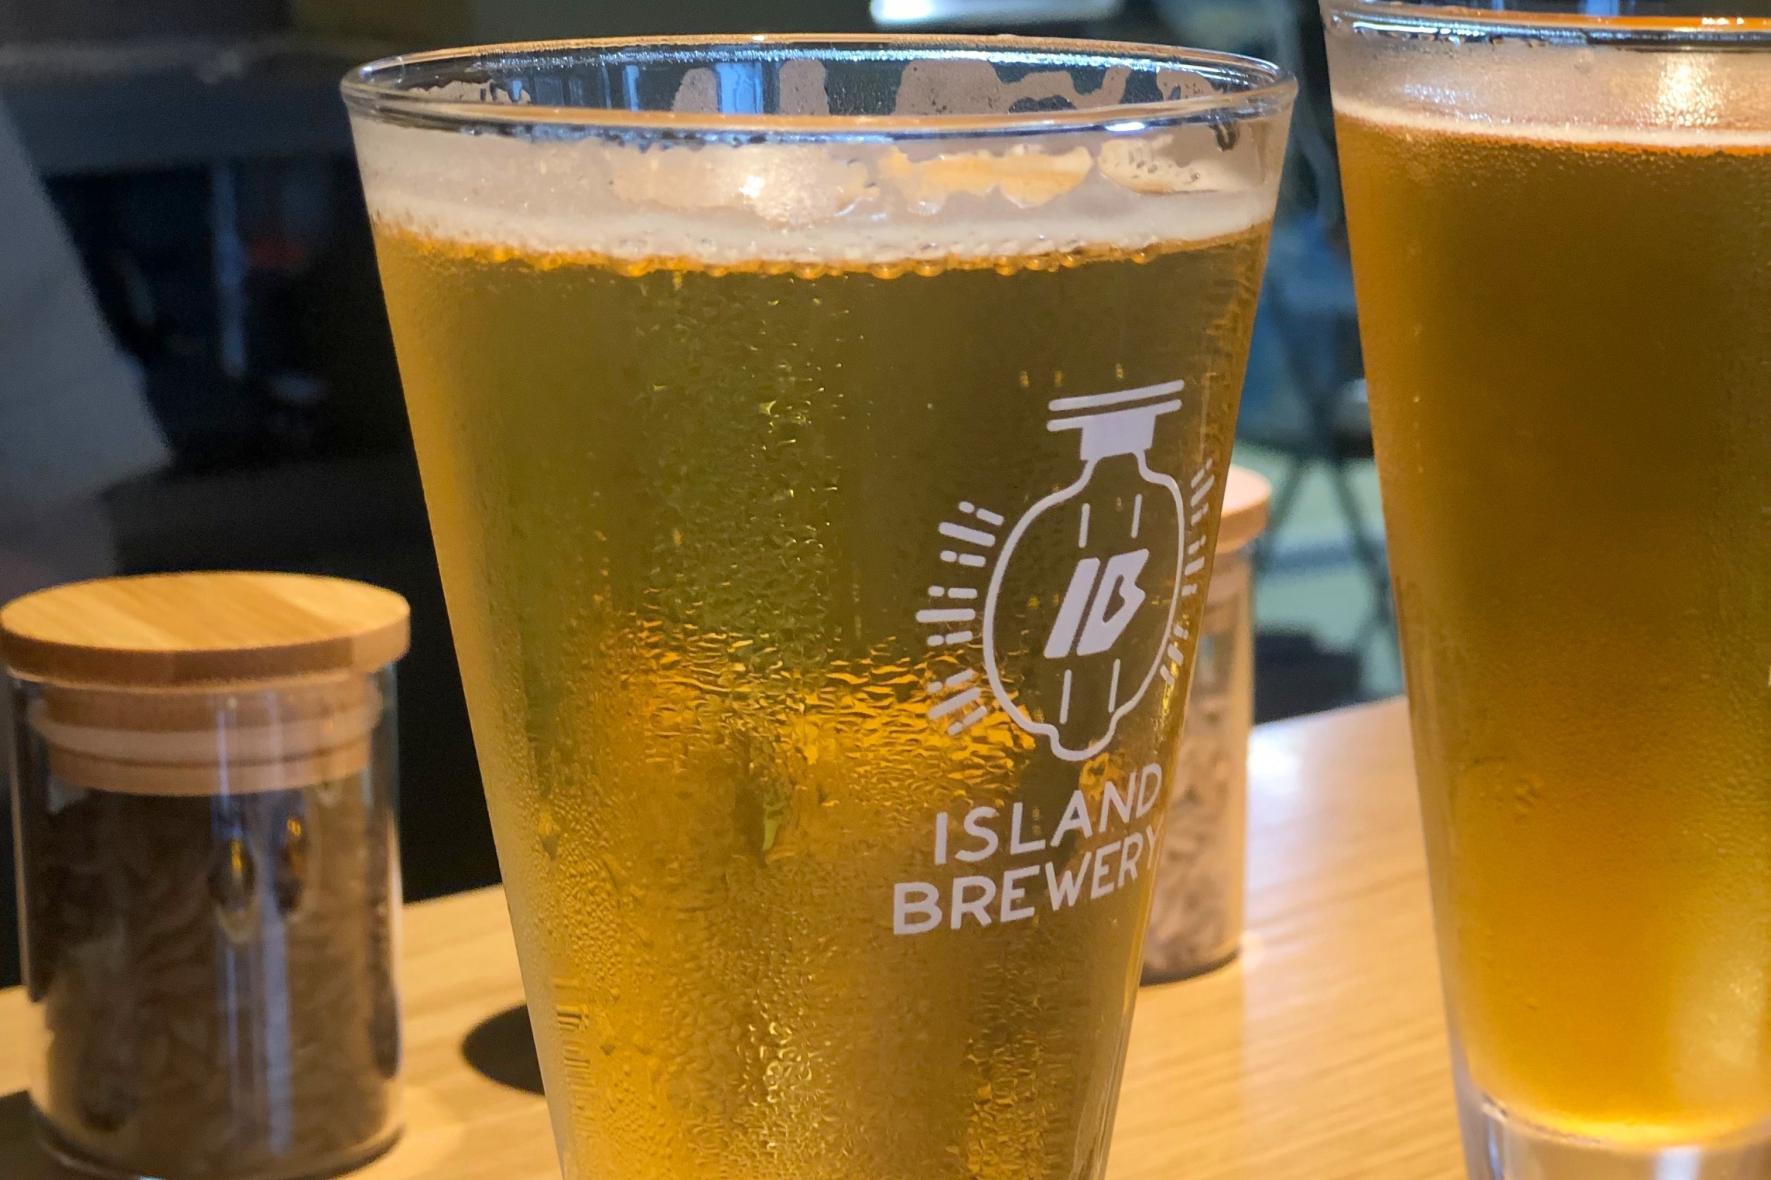 ISLAND BREWERYのフラッグシップビール「ゴールデンエール」-0